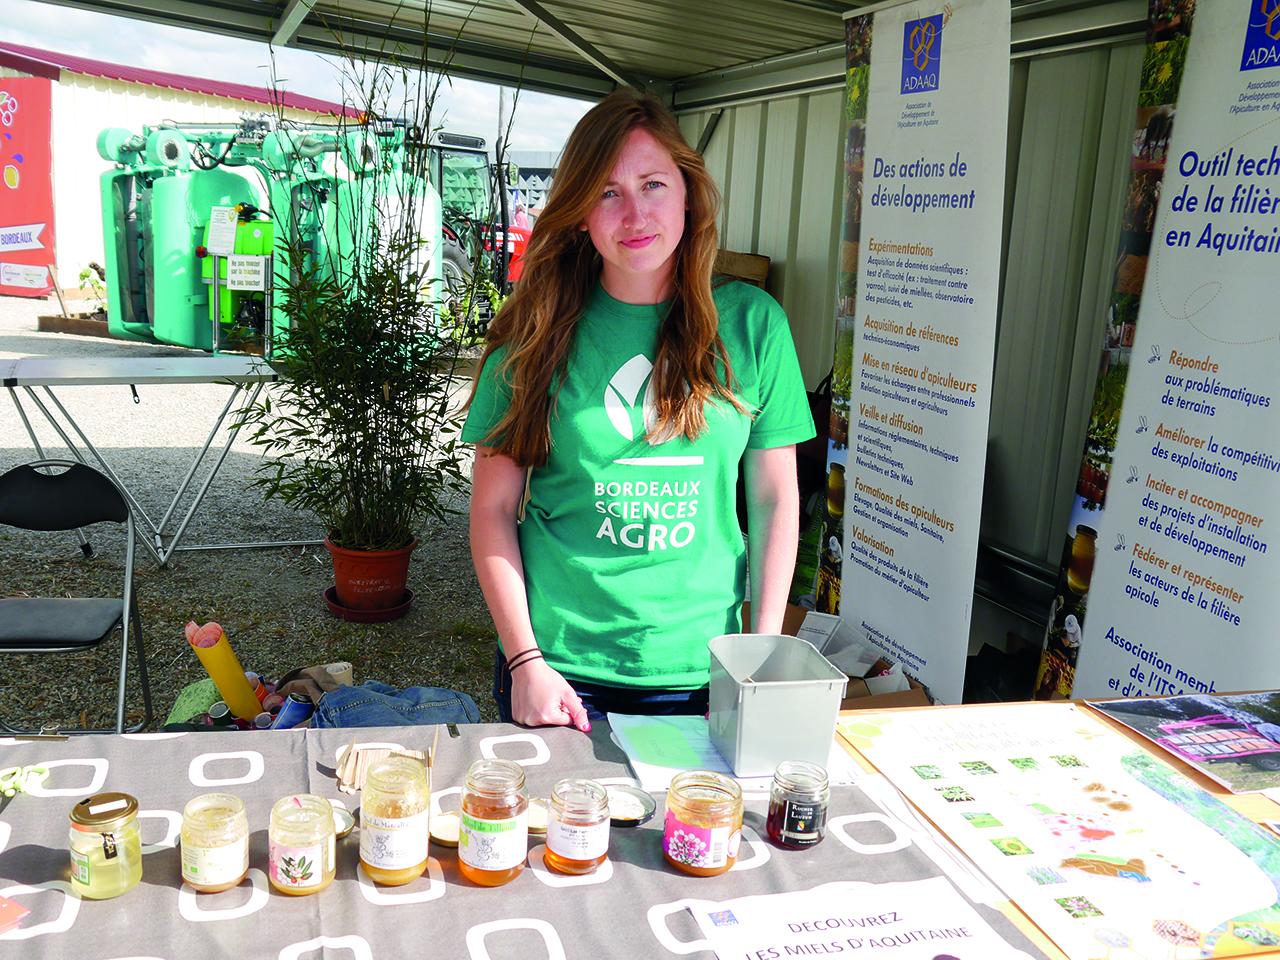 Salon de l agriculture aquitain bordeaux sciences agro for Salon de l apprentissage bordeaux